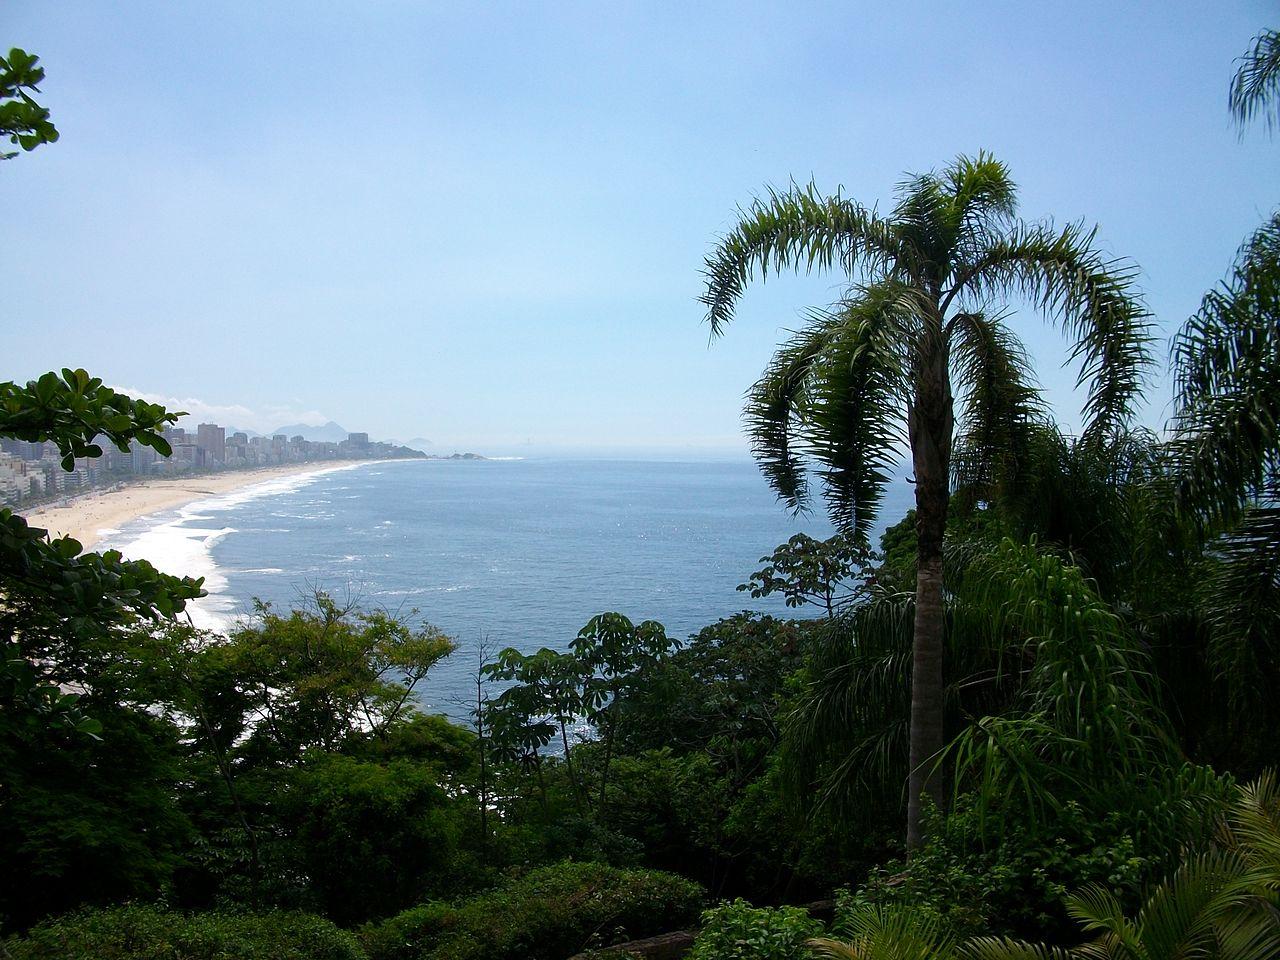 200 Mirante Setimo Ceu Leblon Rio de Janeiro.JPG